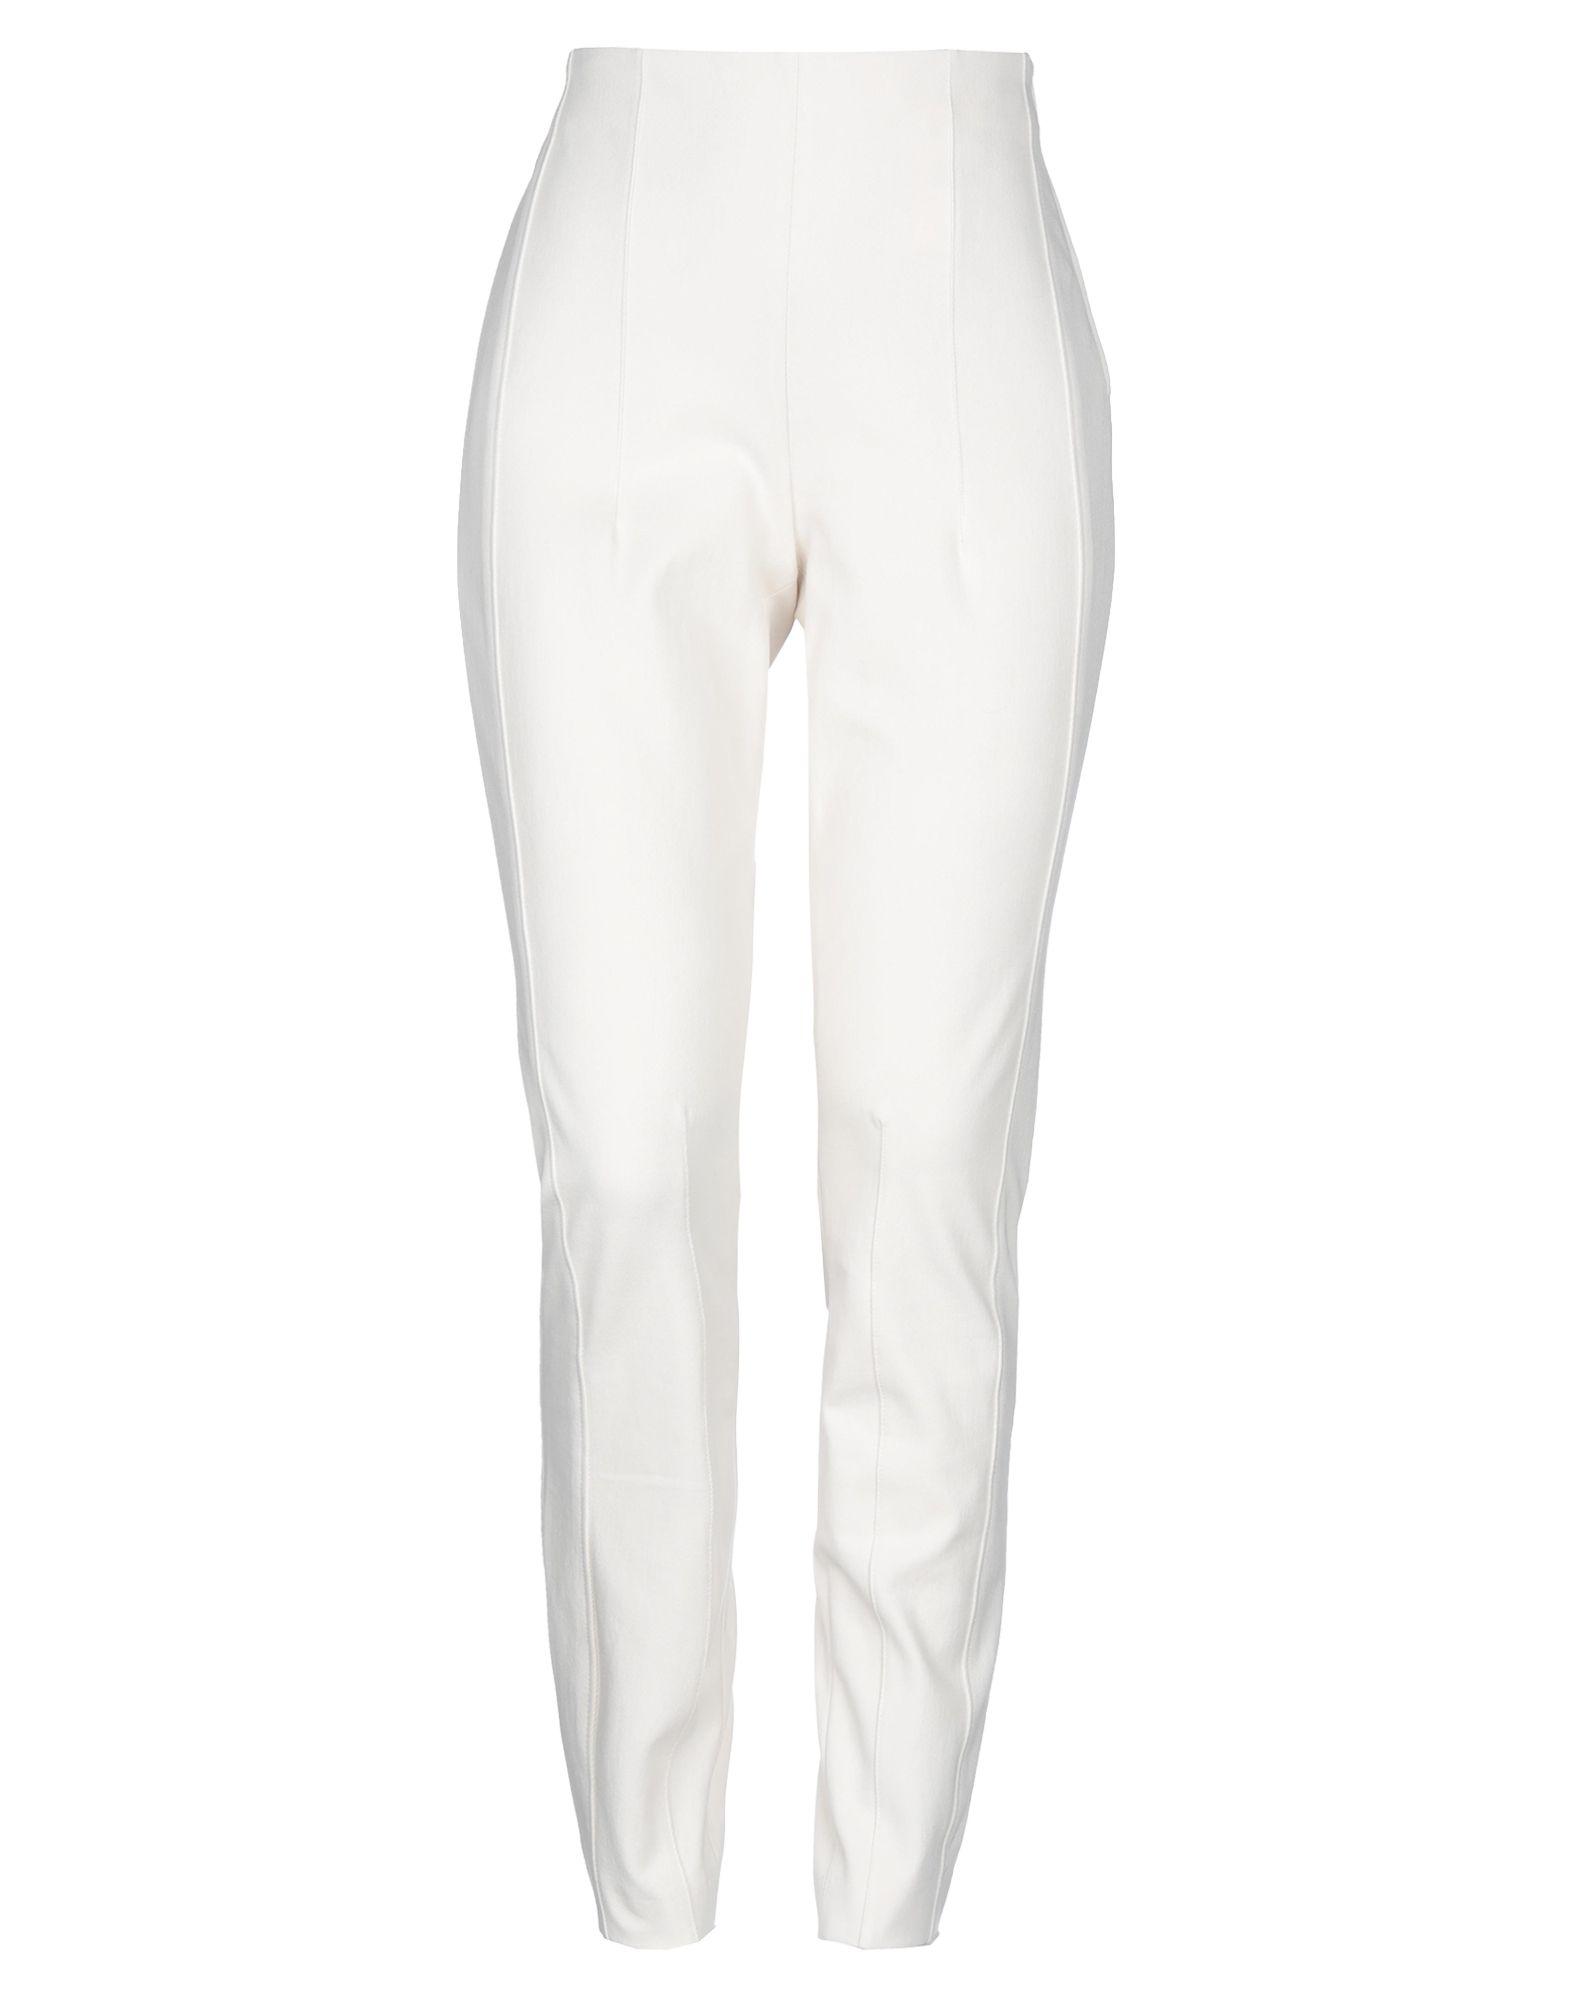 MARC CAIN Повседневные брюки брюки marc cain одежда повседневная на каждый день